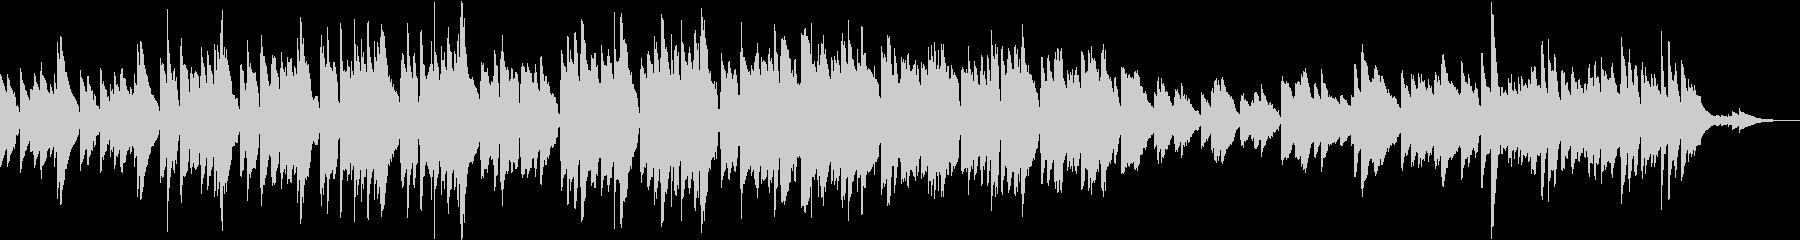 オルタナティブポップインストゥルメ...の未再生の波形